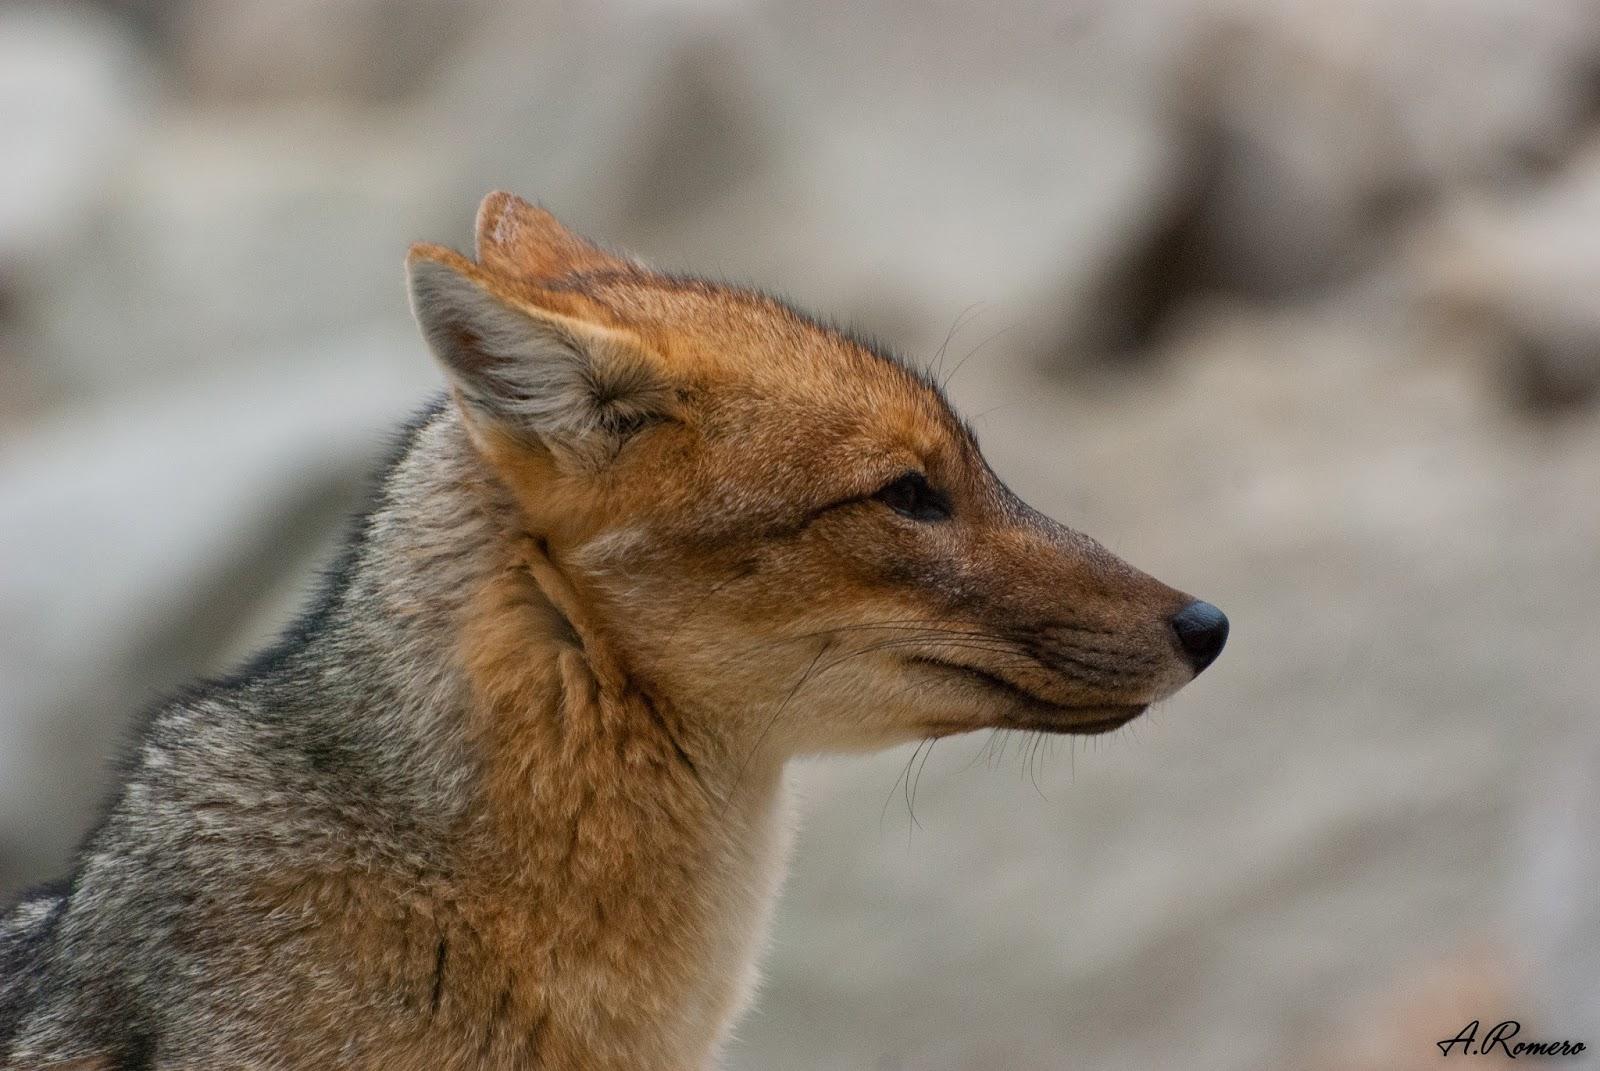 Estos zorros, adaptados a detectar carroñas y pequeñas presas como aves y micromamíferos, ocupan el papel de mesodepredadores en Sudamérica, donde los carnívoros dominantes son los felinos.